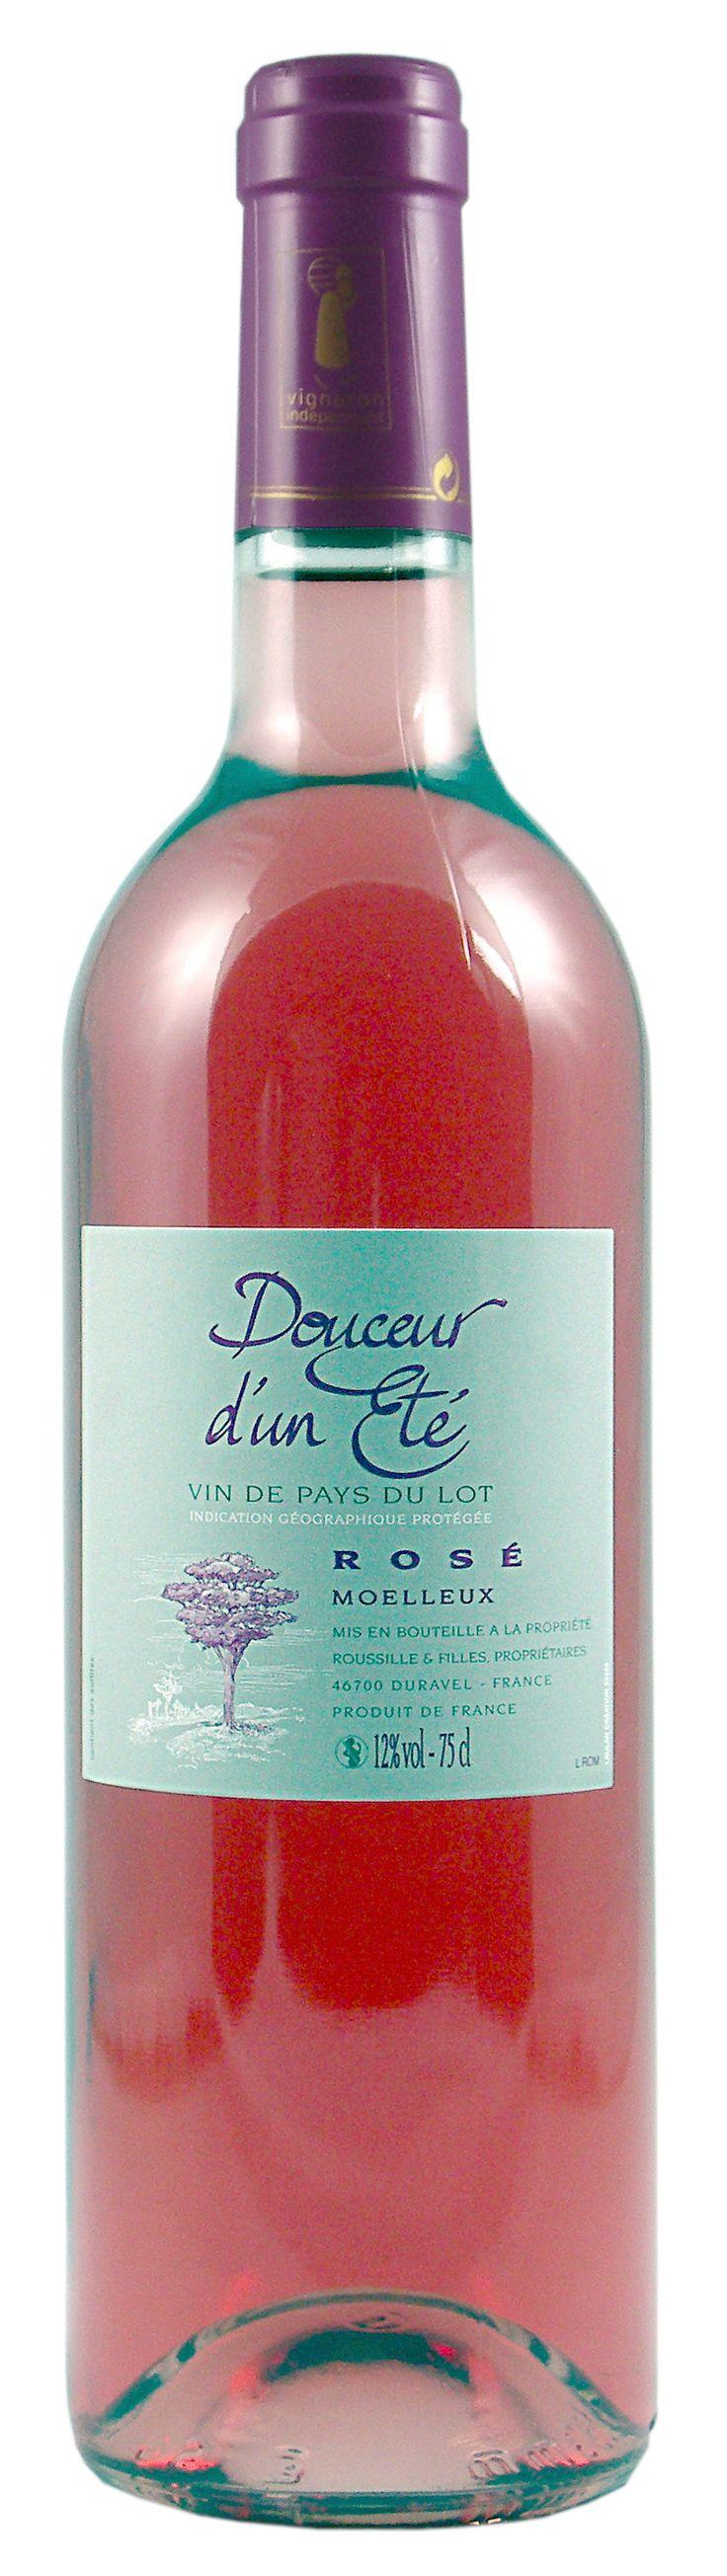 clos du ch 234 ne douceur d un 233 t 233 est produit sur les vignobles de cahors sous l appellation vin